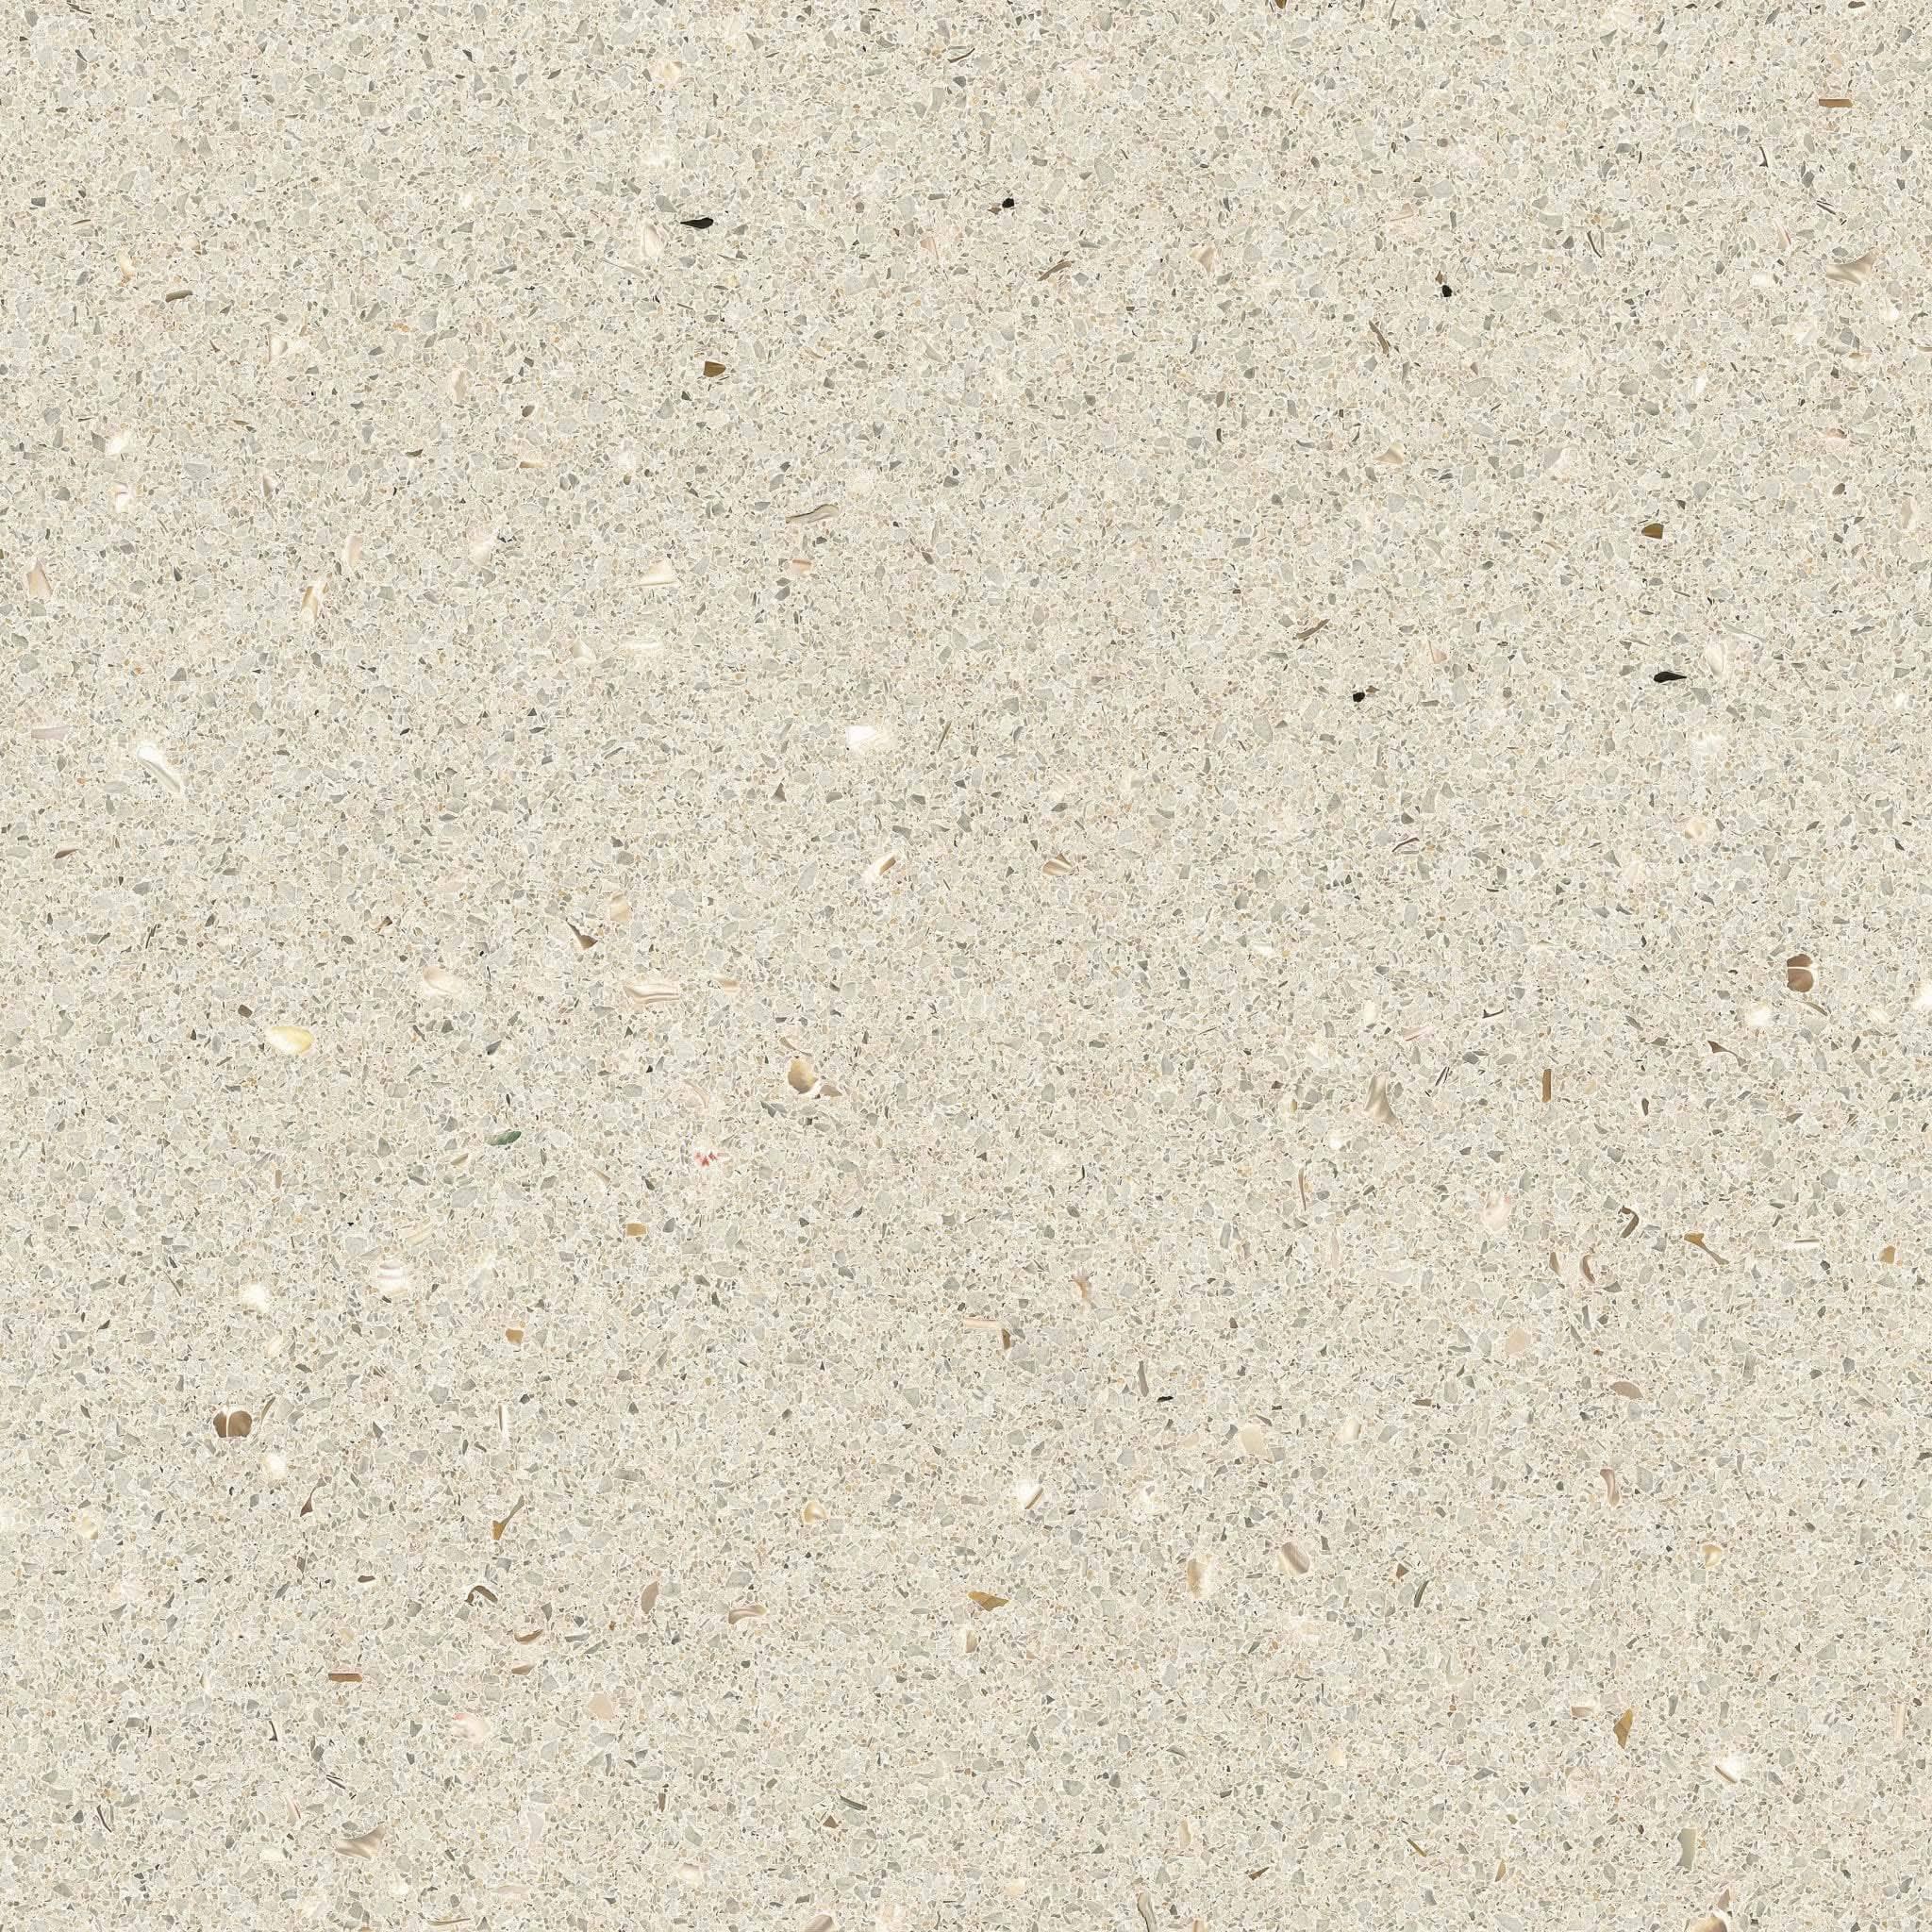 Ref 616 Perla Bianca